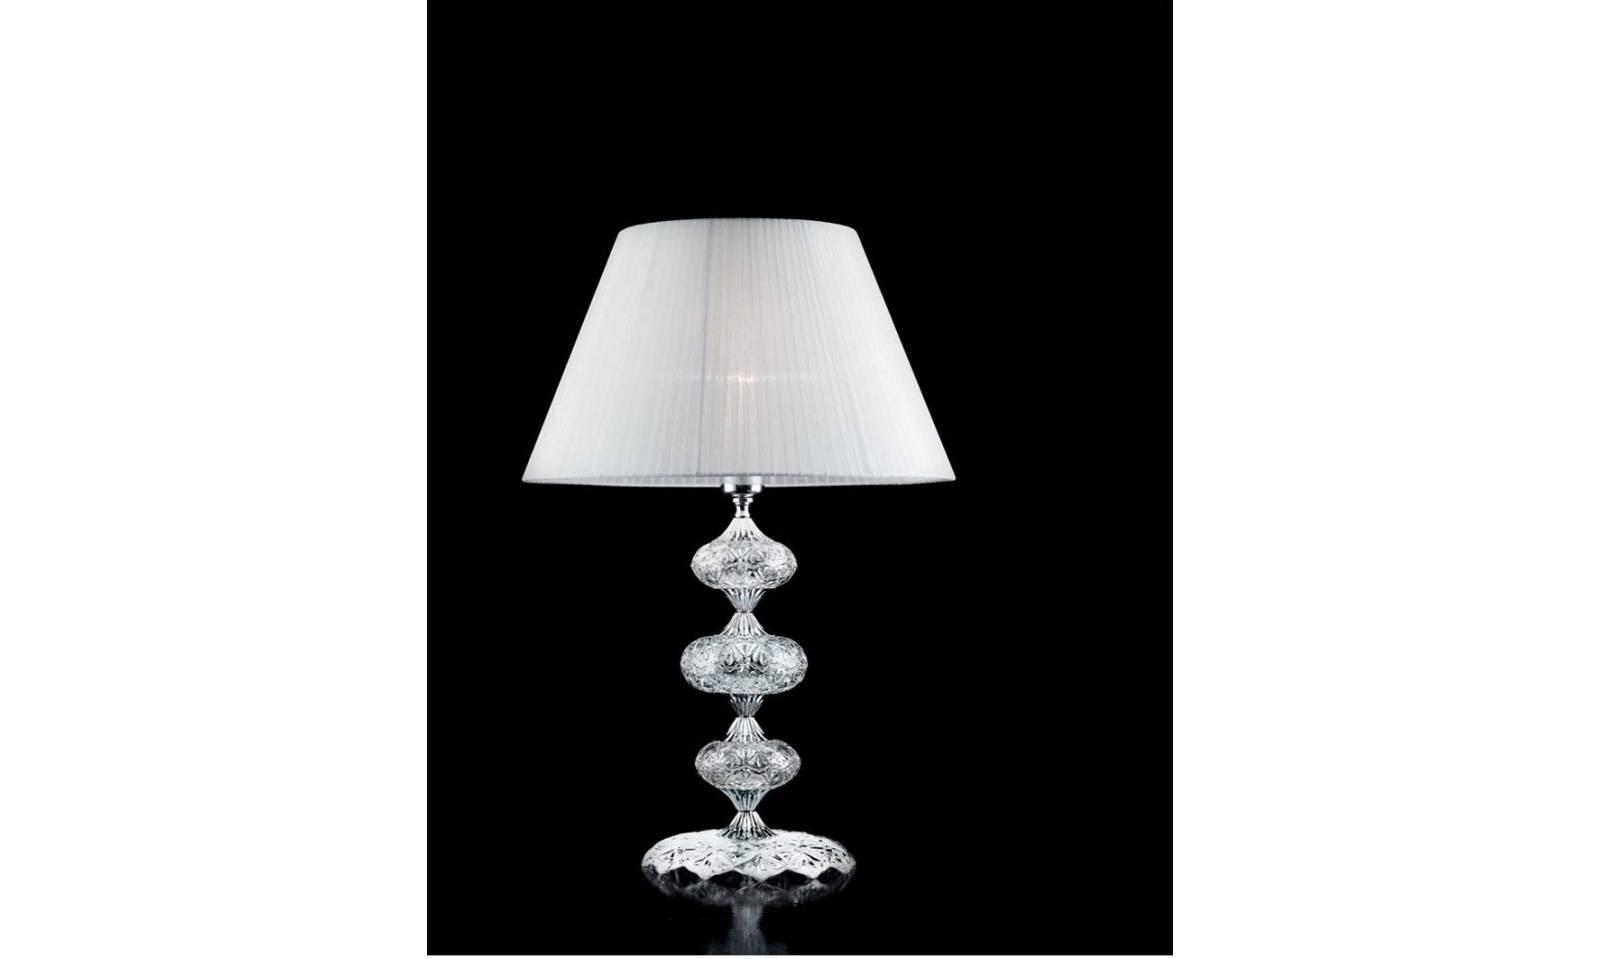 Ciciriello lumetto da tavolo dallas cristallo e vetro 1 luce for Luce da tavolo